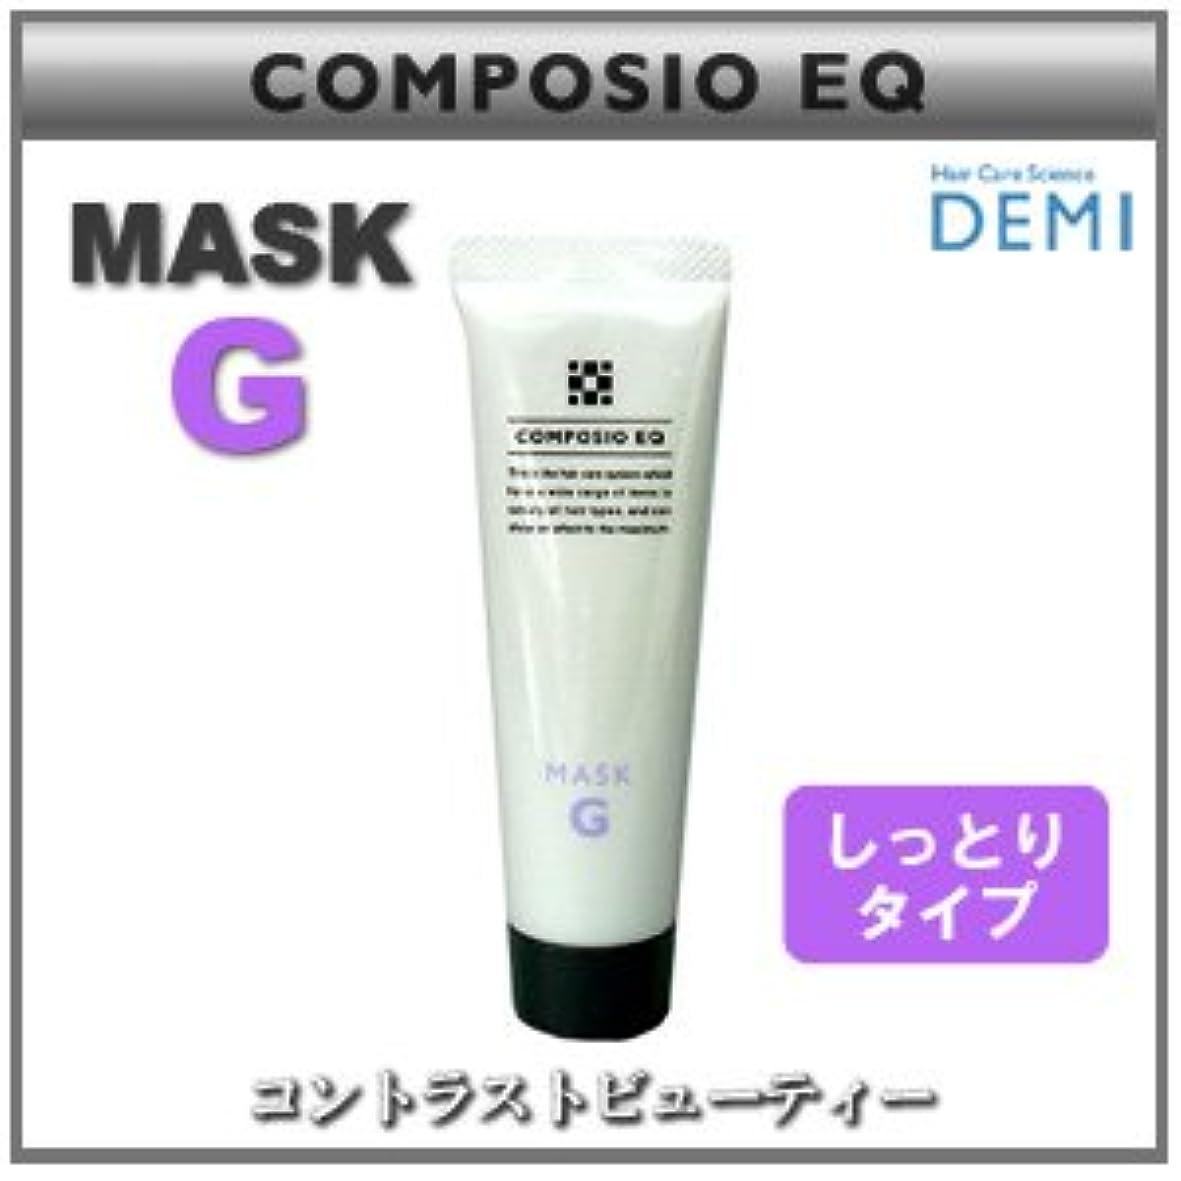 コジオスココンバーチブル反乱【X2個セット】 デミ コンポジオ EQ マスク G 50g